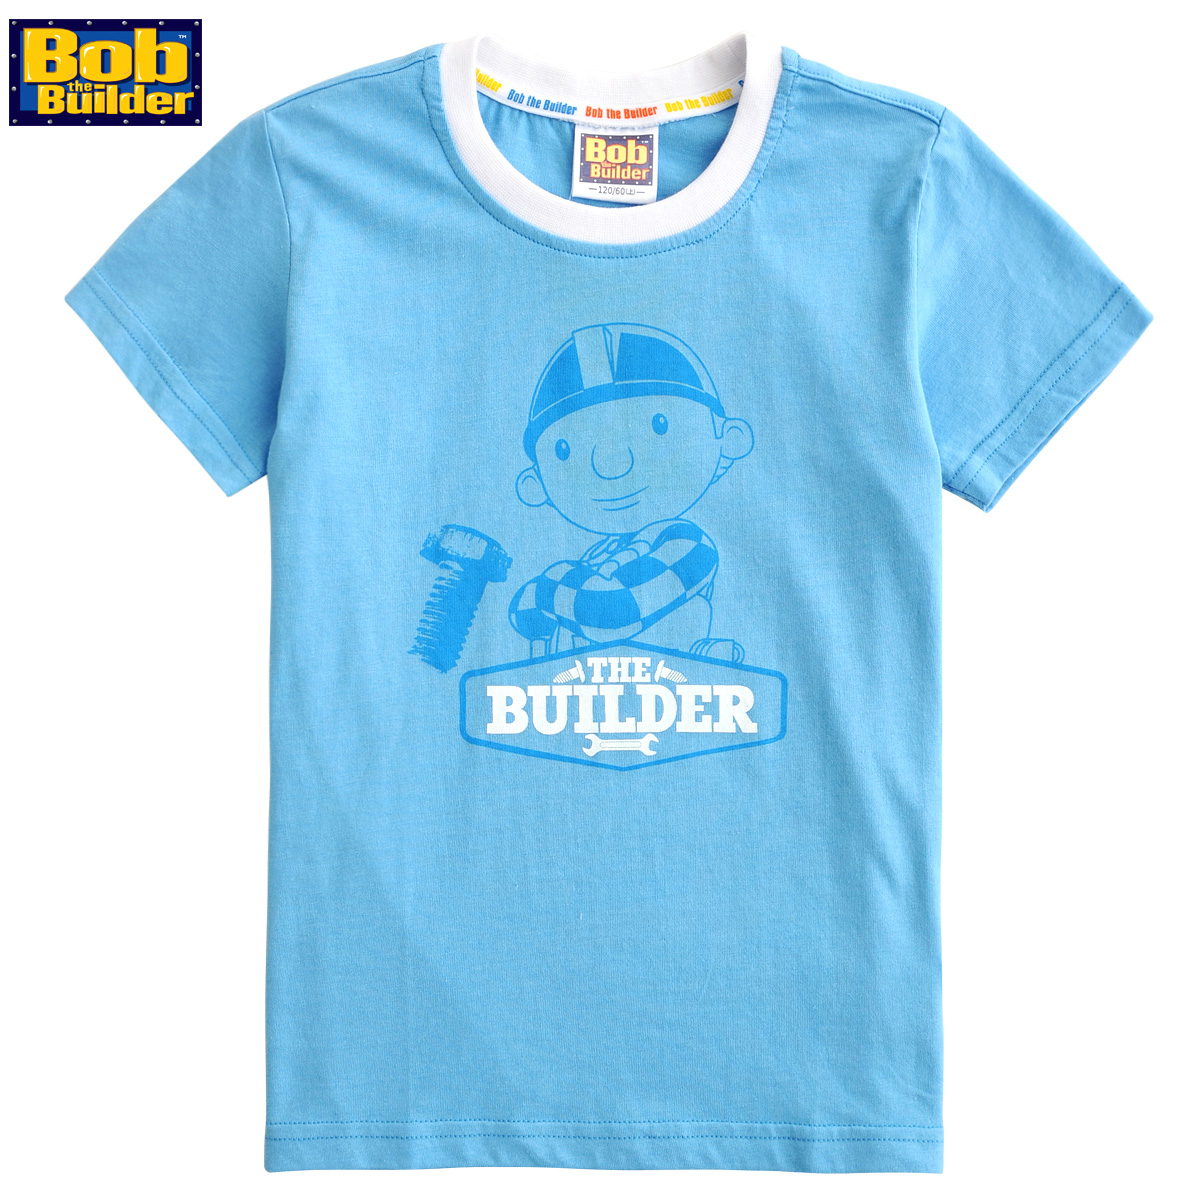 博士蛙巴布工程师童装专柜正品男童短袖T恤圆领衫纯棉OTA582511